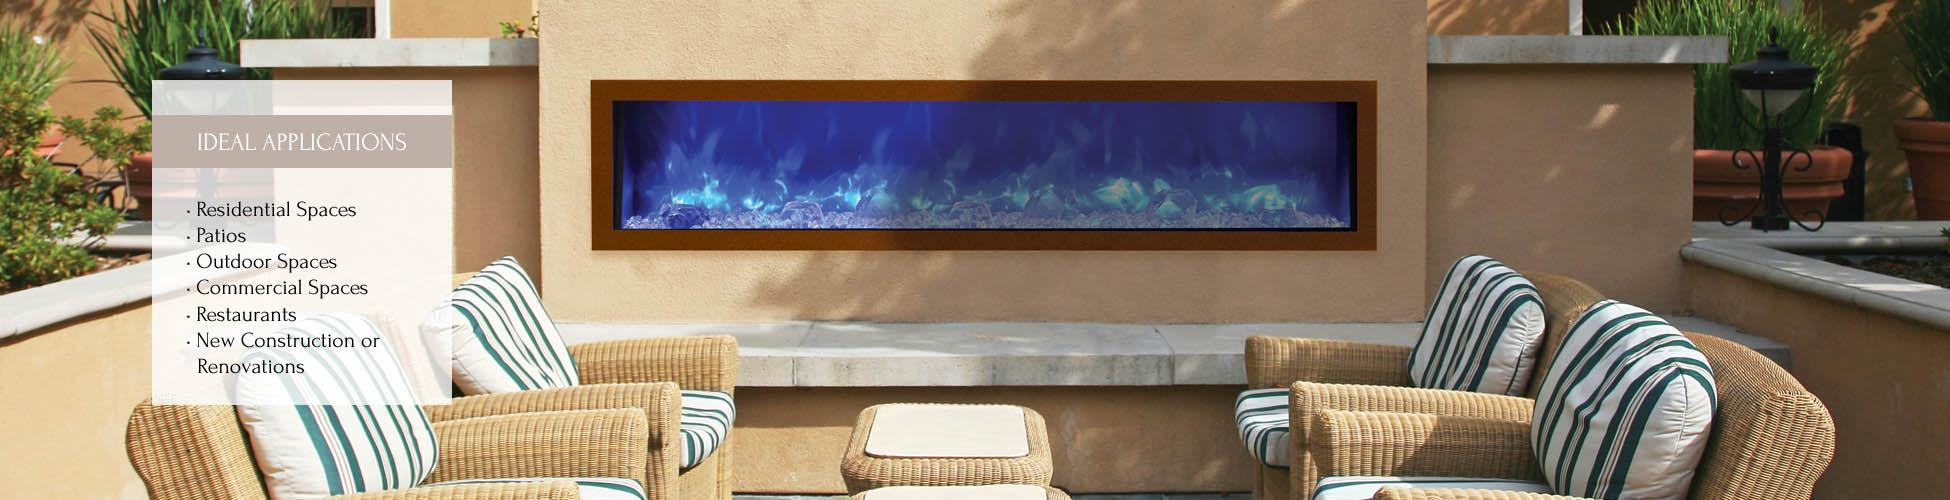 BI-50-SLIM electric fireplace by Amantii